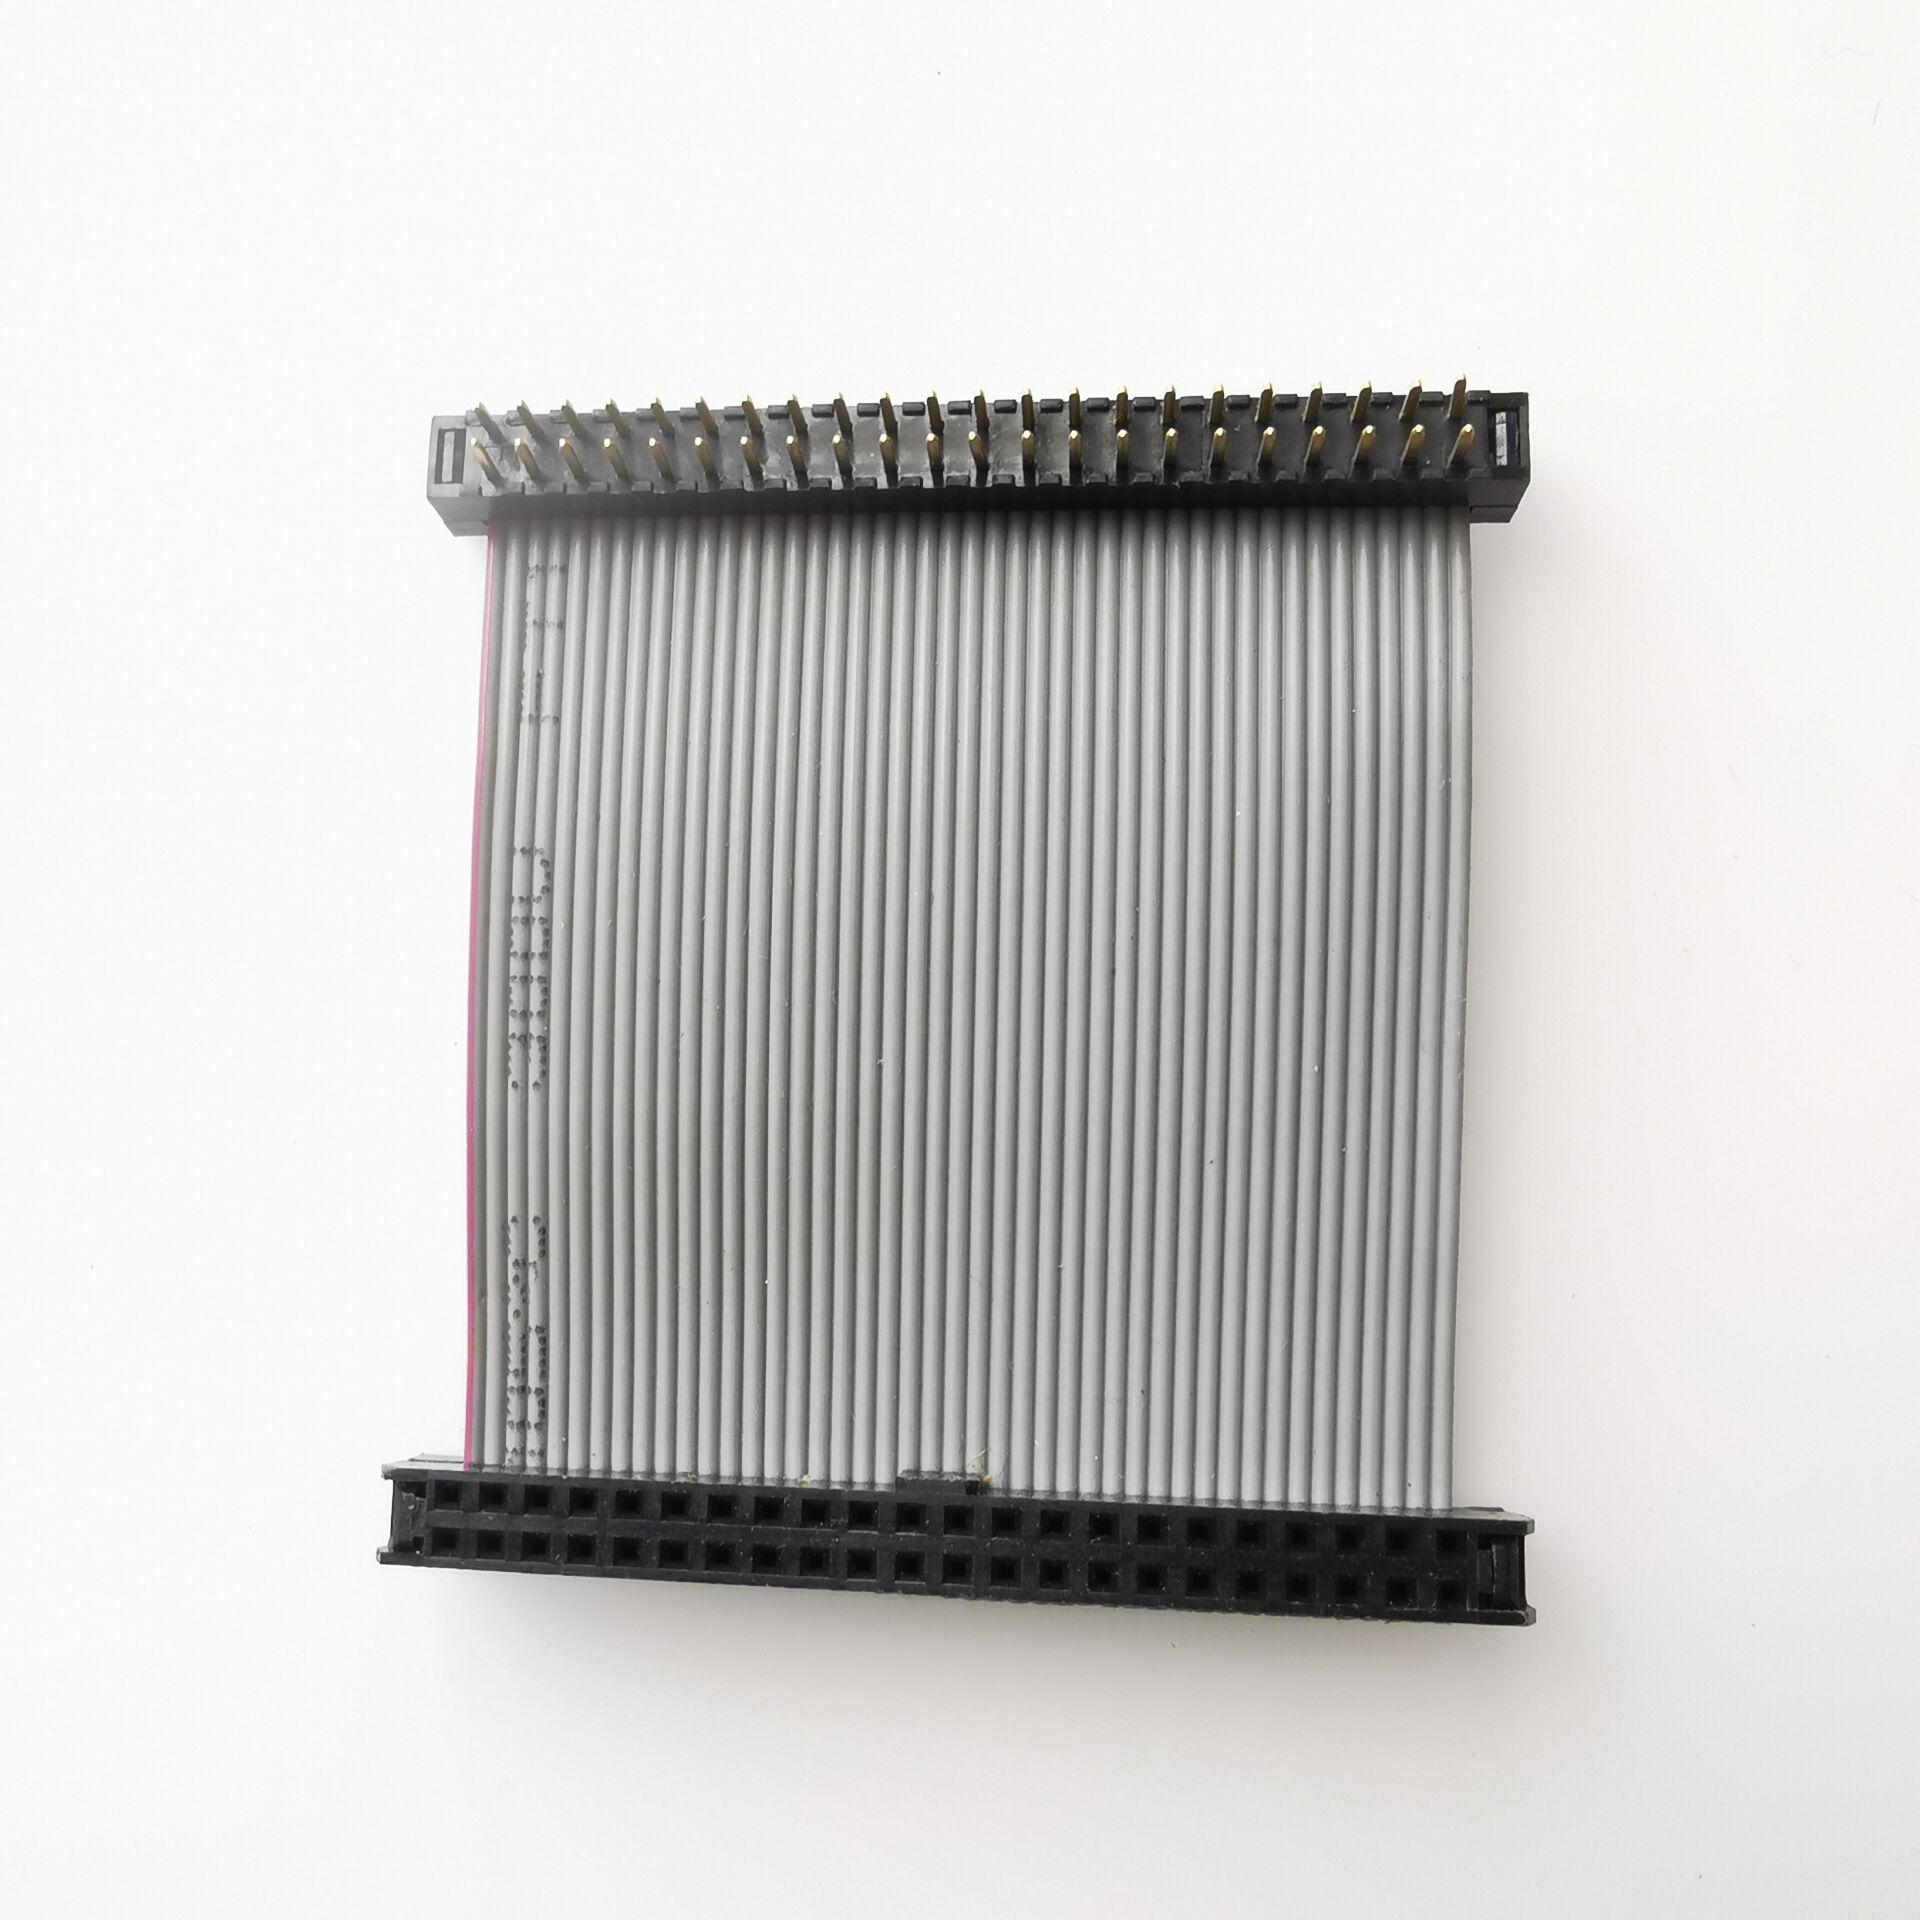 IDE/SATA 44-контактный разъем для Женский жесткий приводной удлинитель Кабель 44Pin ноутбук Тетрадь 2,5